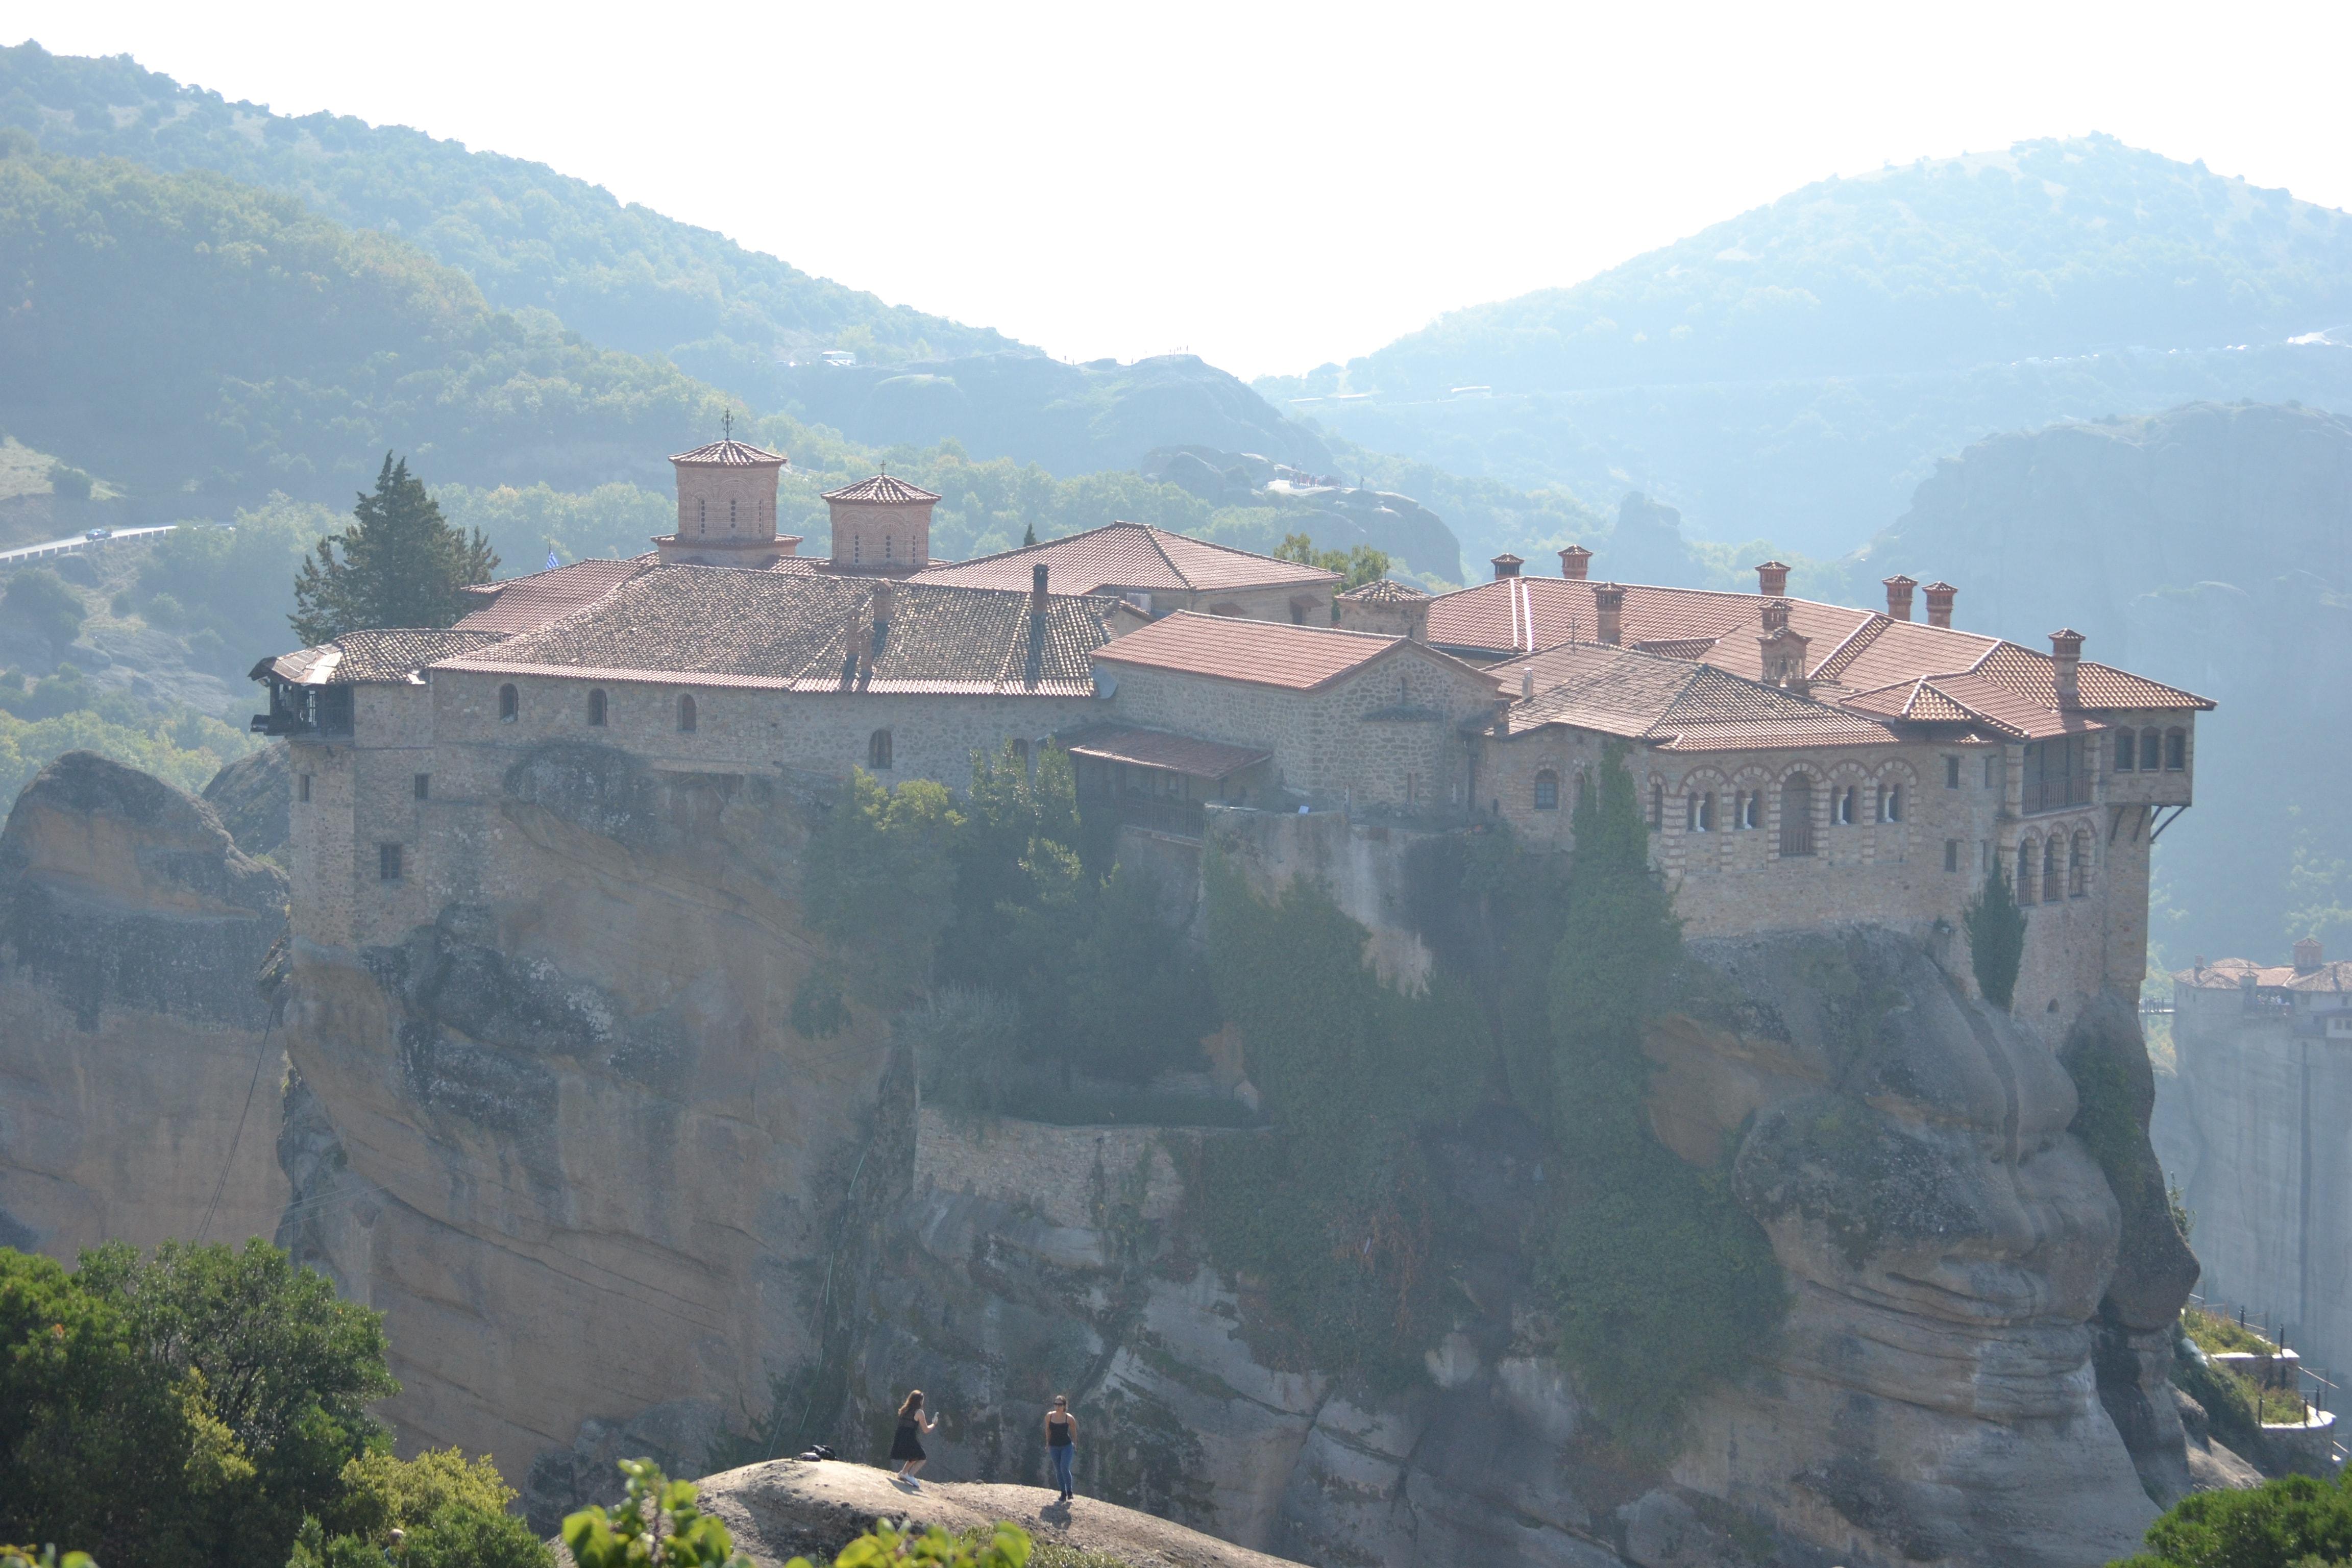 절벽 위에 세워진 메테오라 수도원을 모습. 사진 제공, 이형규 목사.